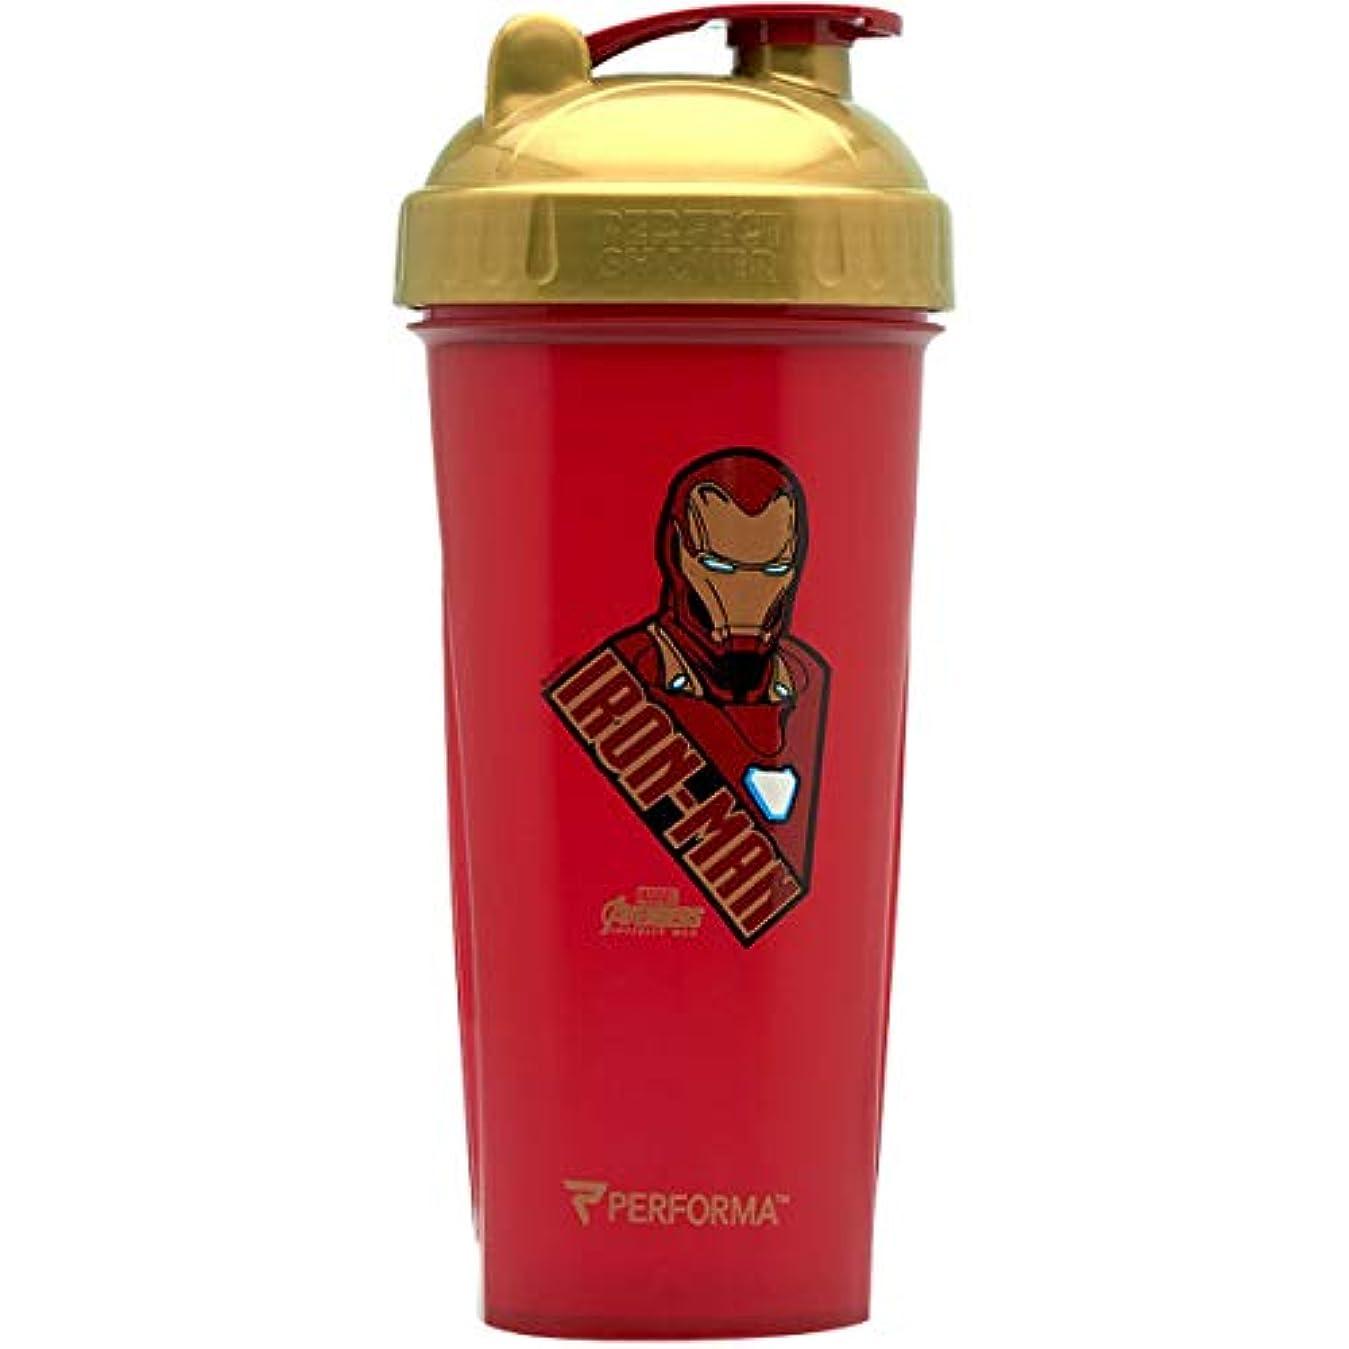 乳剤症状重なるBOT-12 ボトル シェイカー プロテイン 水筒 筋トレ ジム ブレンダ― ミキサー アントマン ヒーロー 800ml (BOT-17)